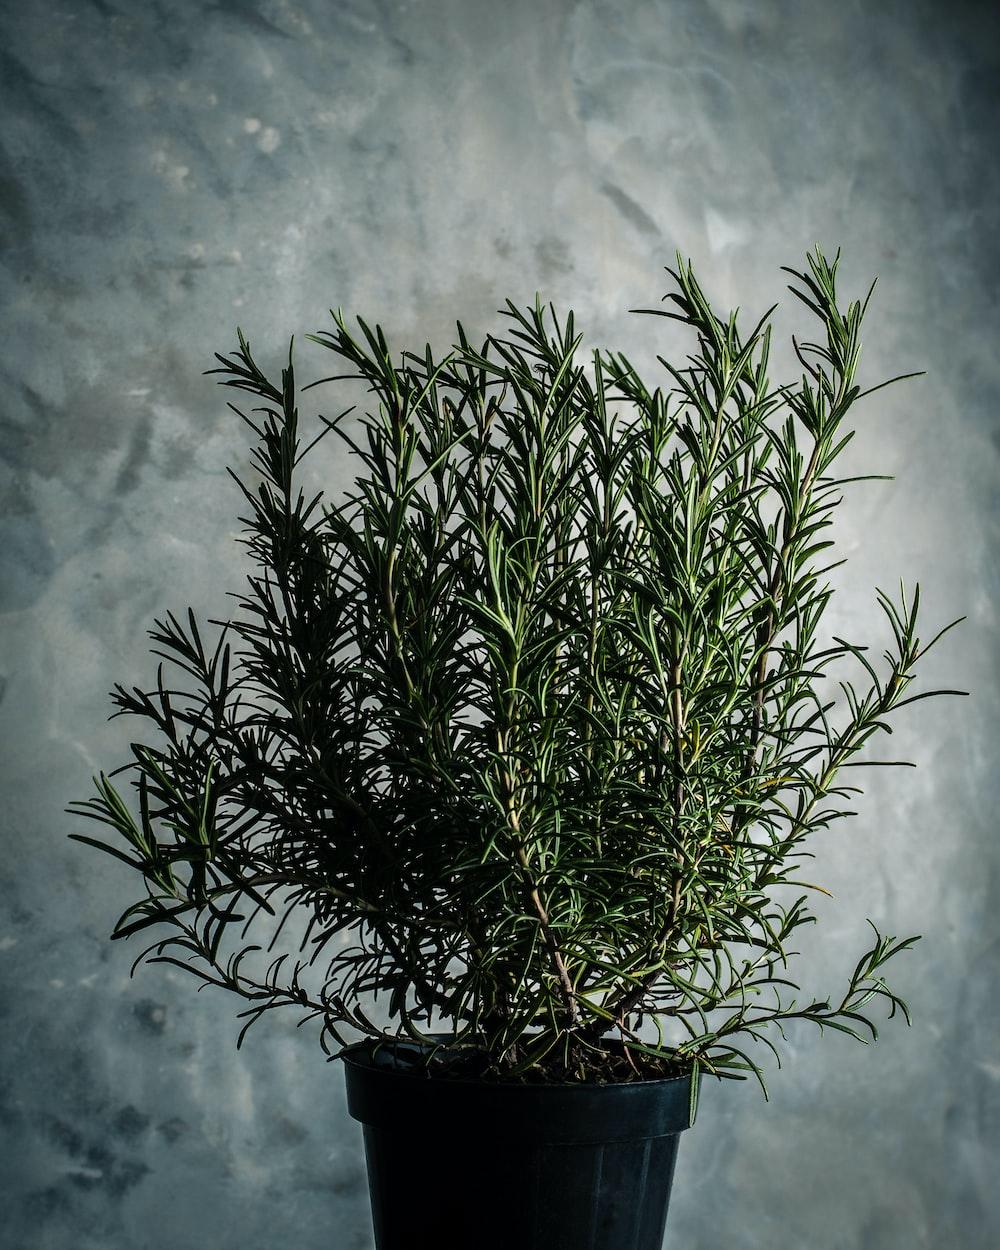 green rosemary plant